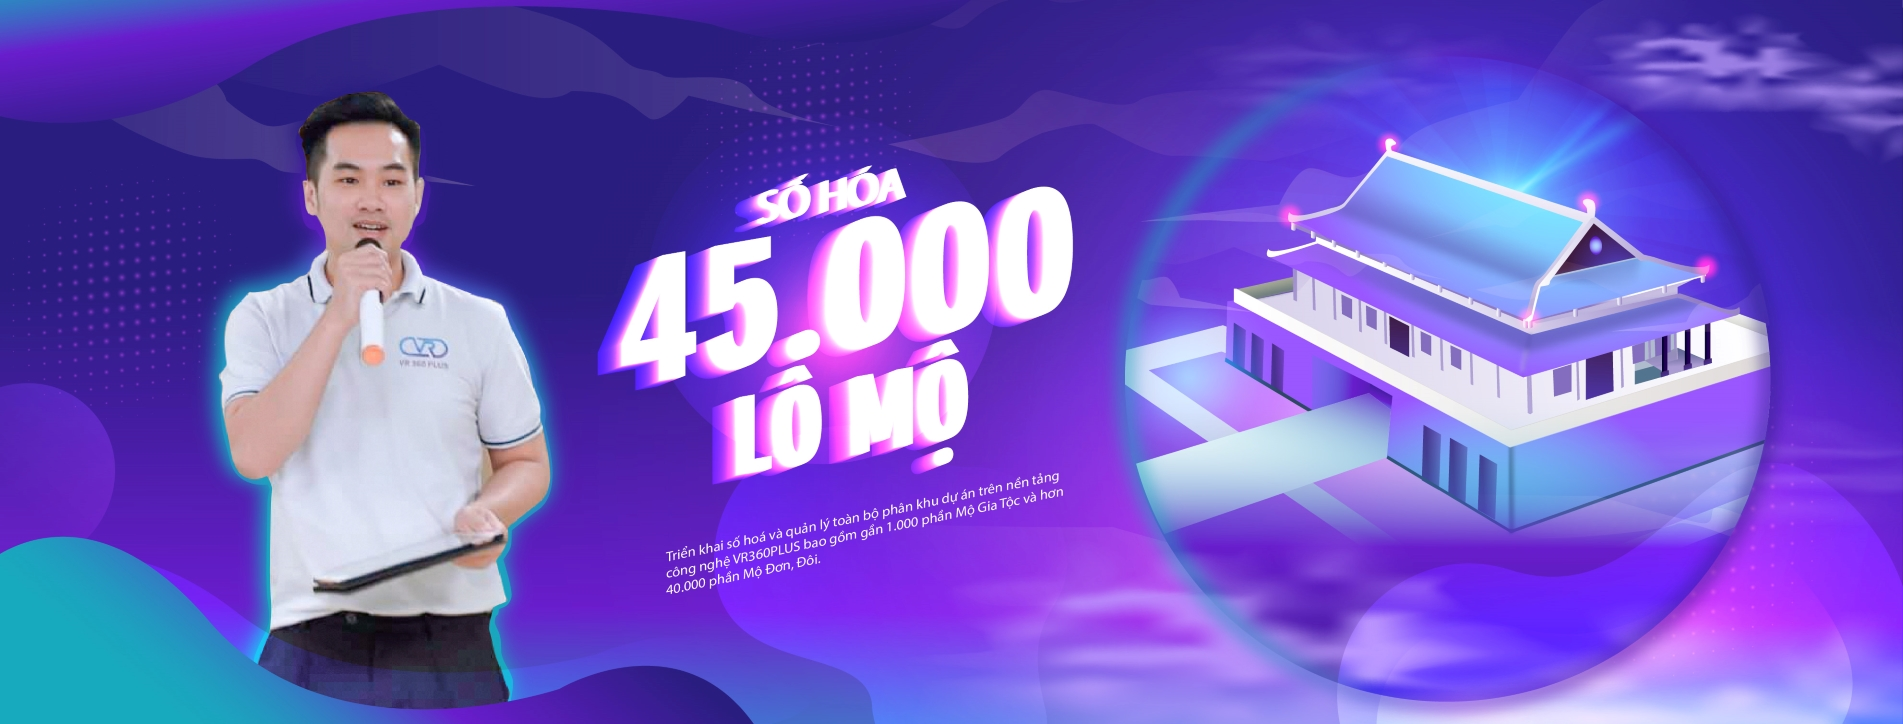 Số hóa 45.000 lô mộ